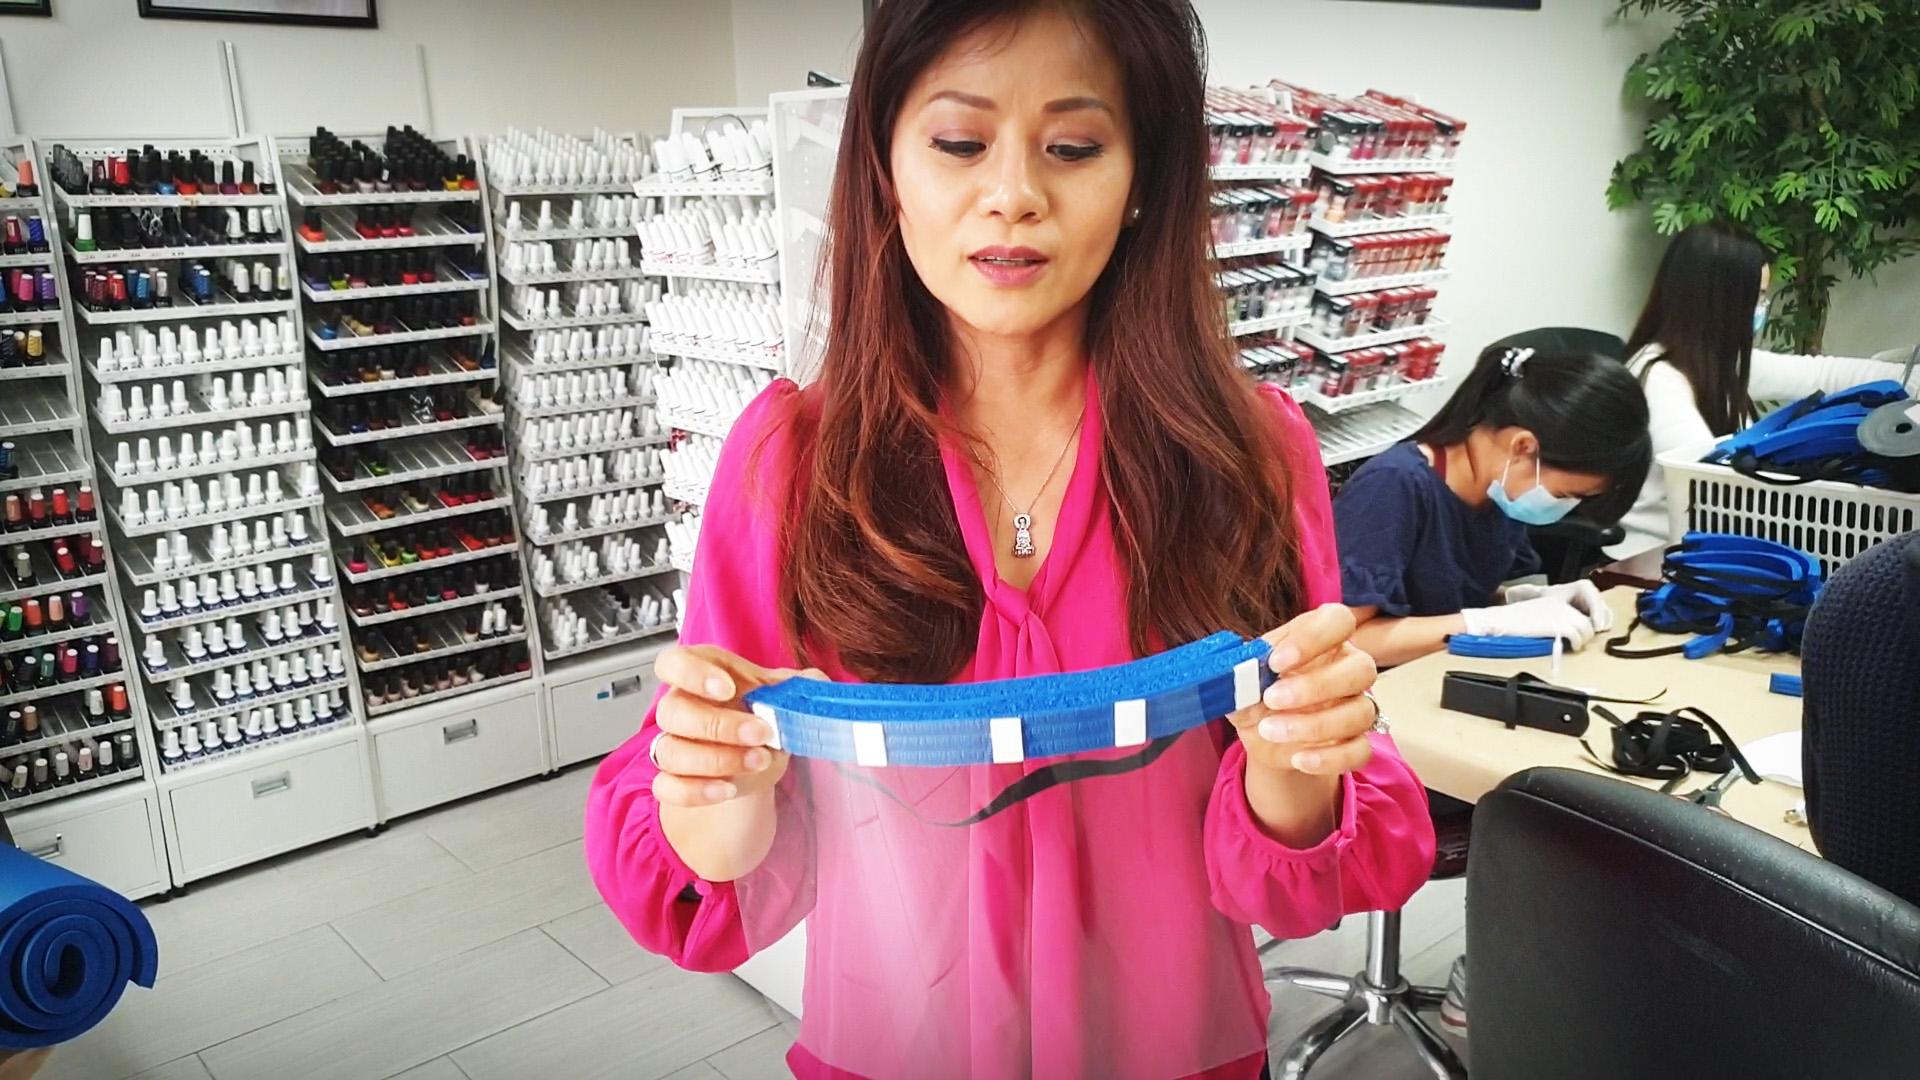 Tấm che mặt 'shield mask' của công ty nail người Việt đang 'ăn khách'